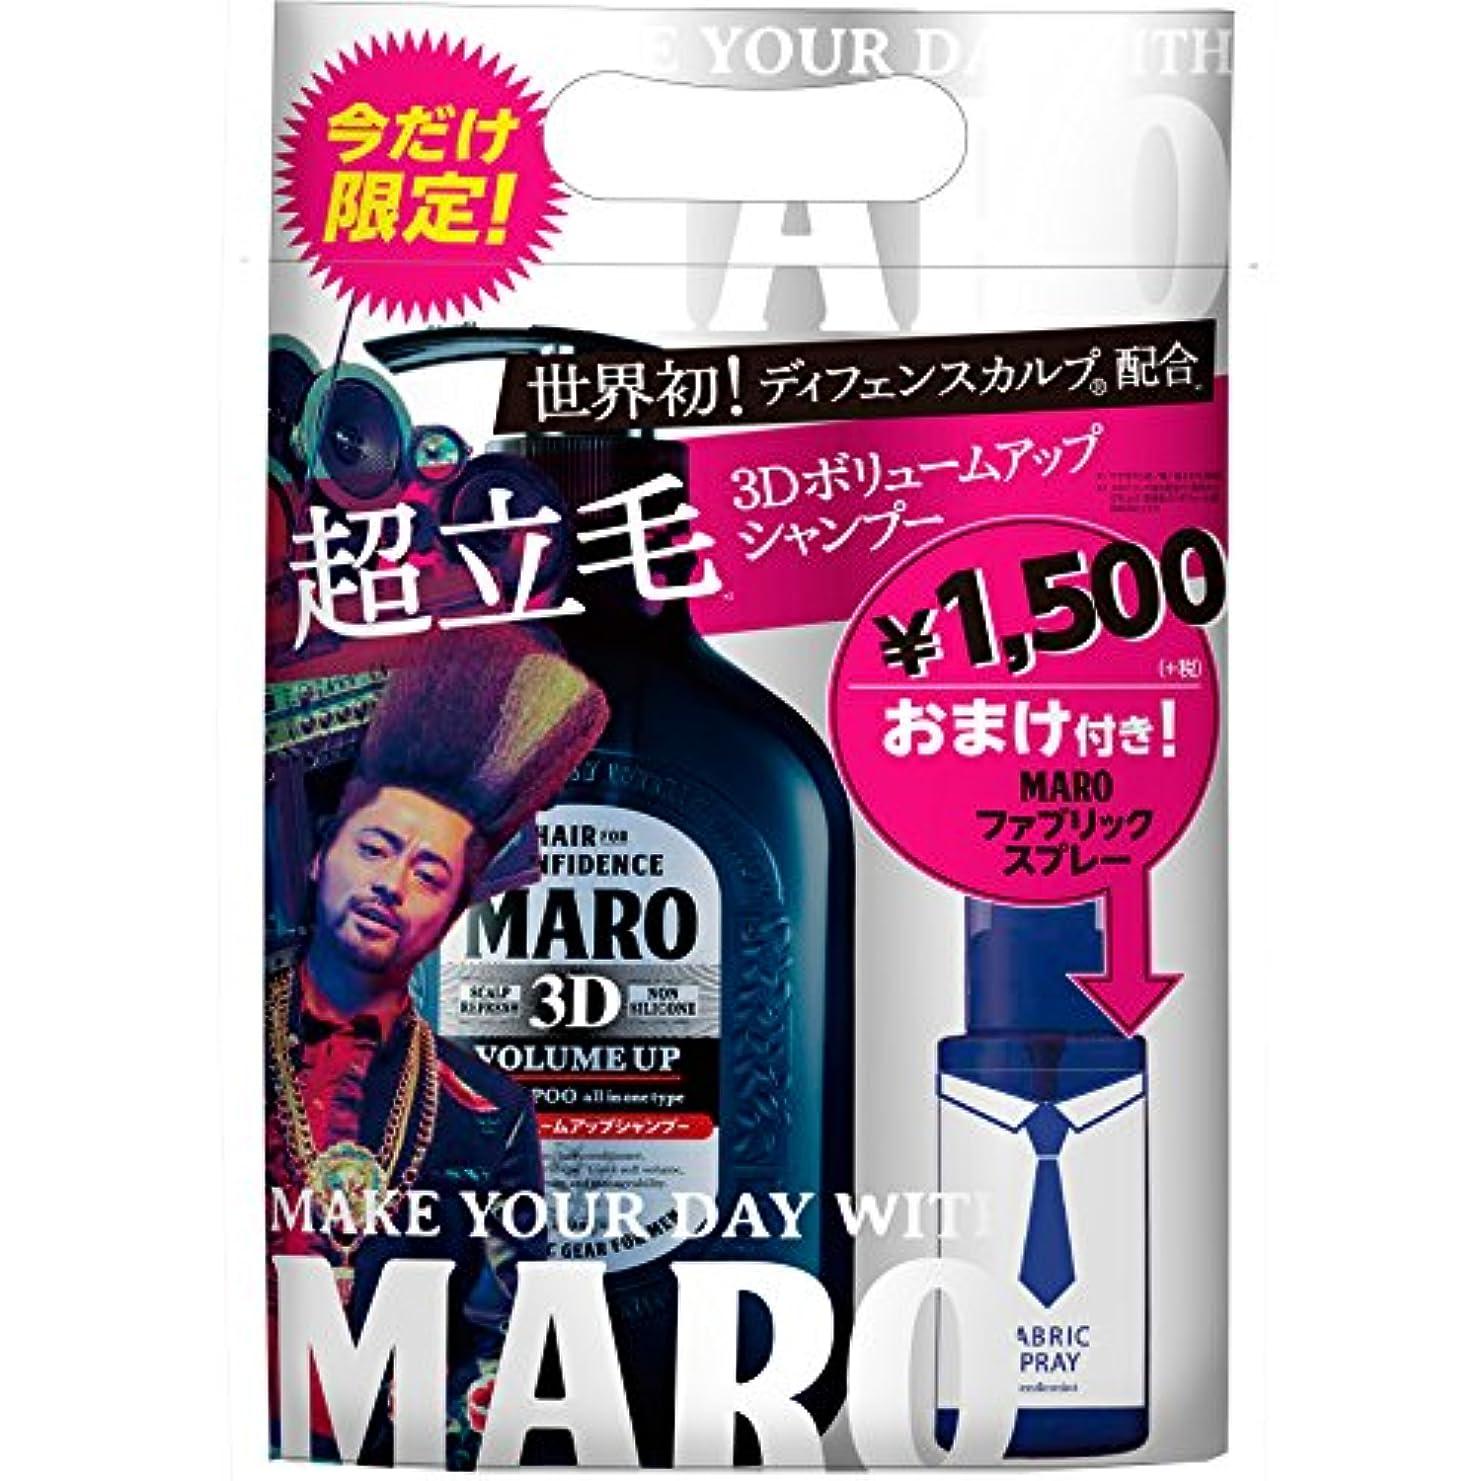 発音する達成静かなMARO 3DボリュームアップシャンプーEX ファブリックスプレー付 460ml